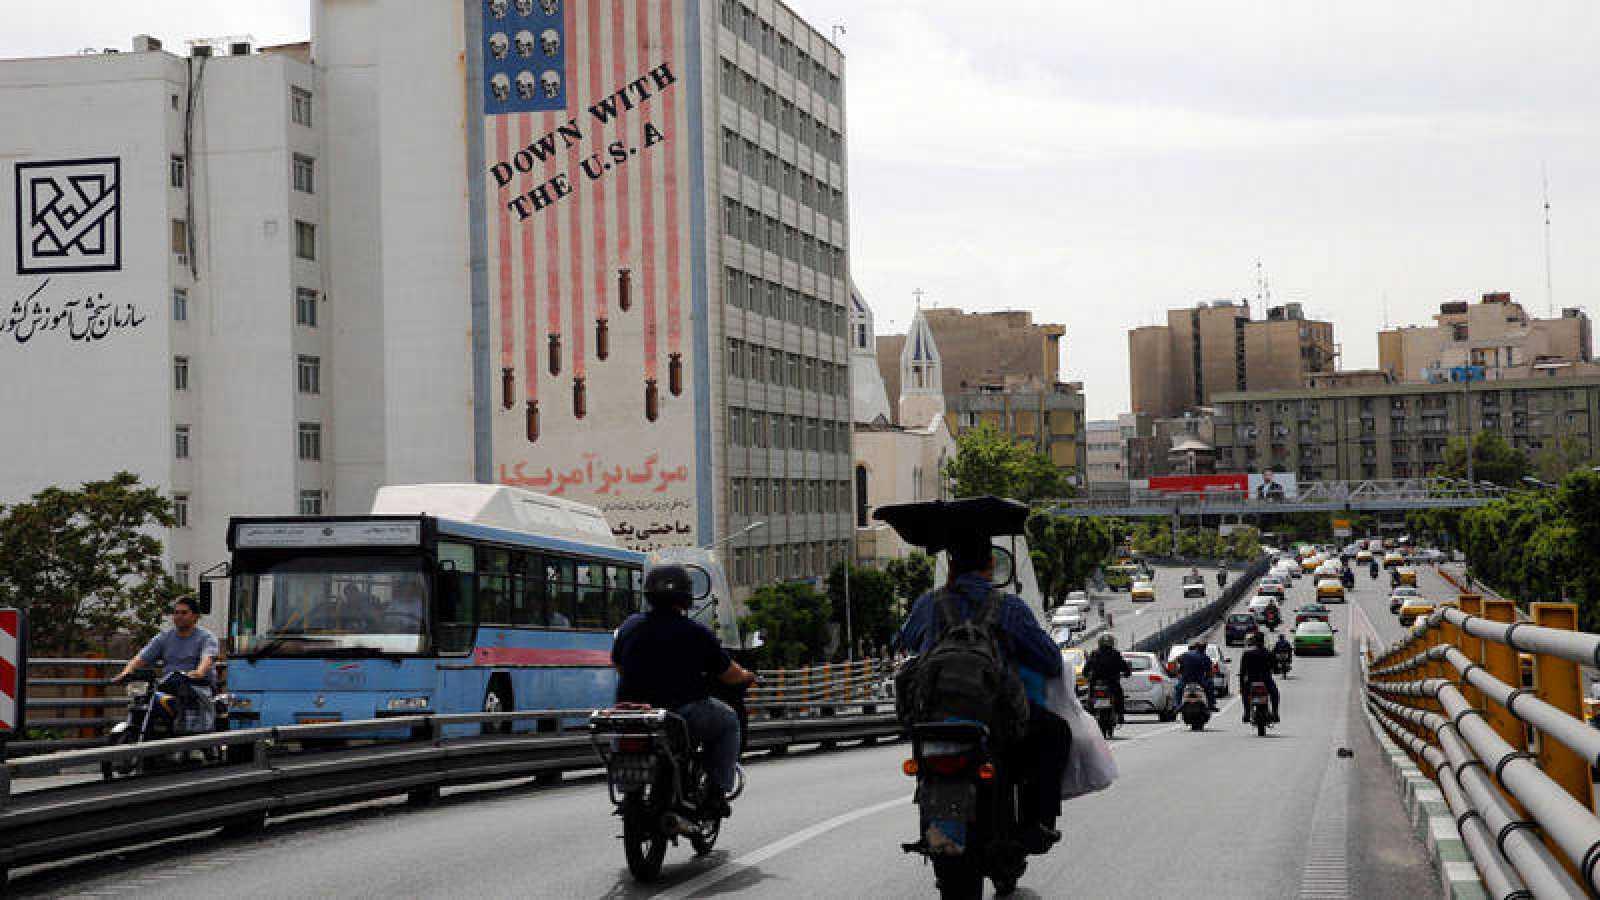 Conductores iraníes circulan junto a un edificio en el que aparece una pintada contra los Estados Unidos.